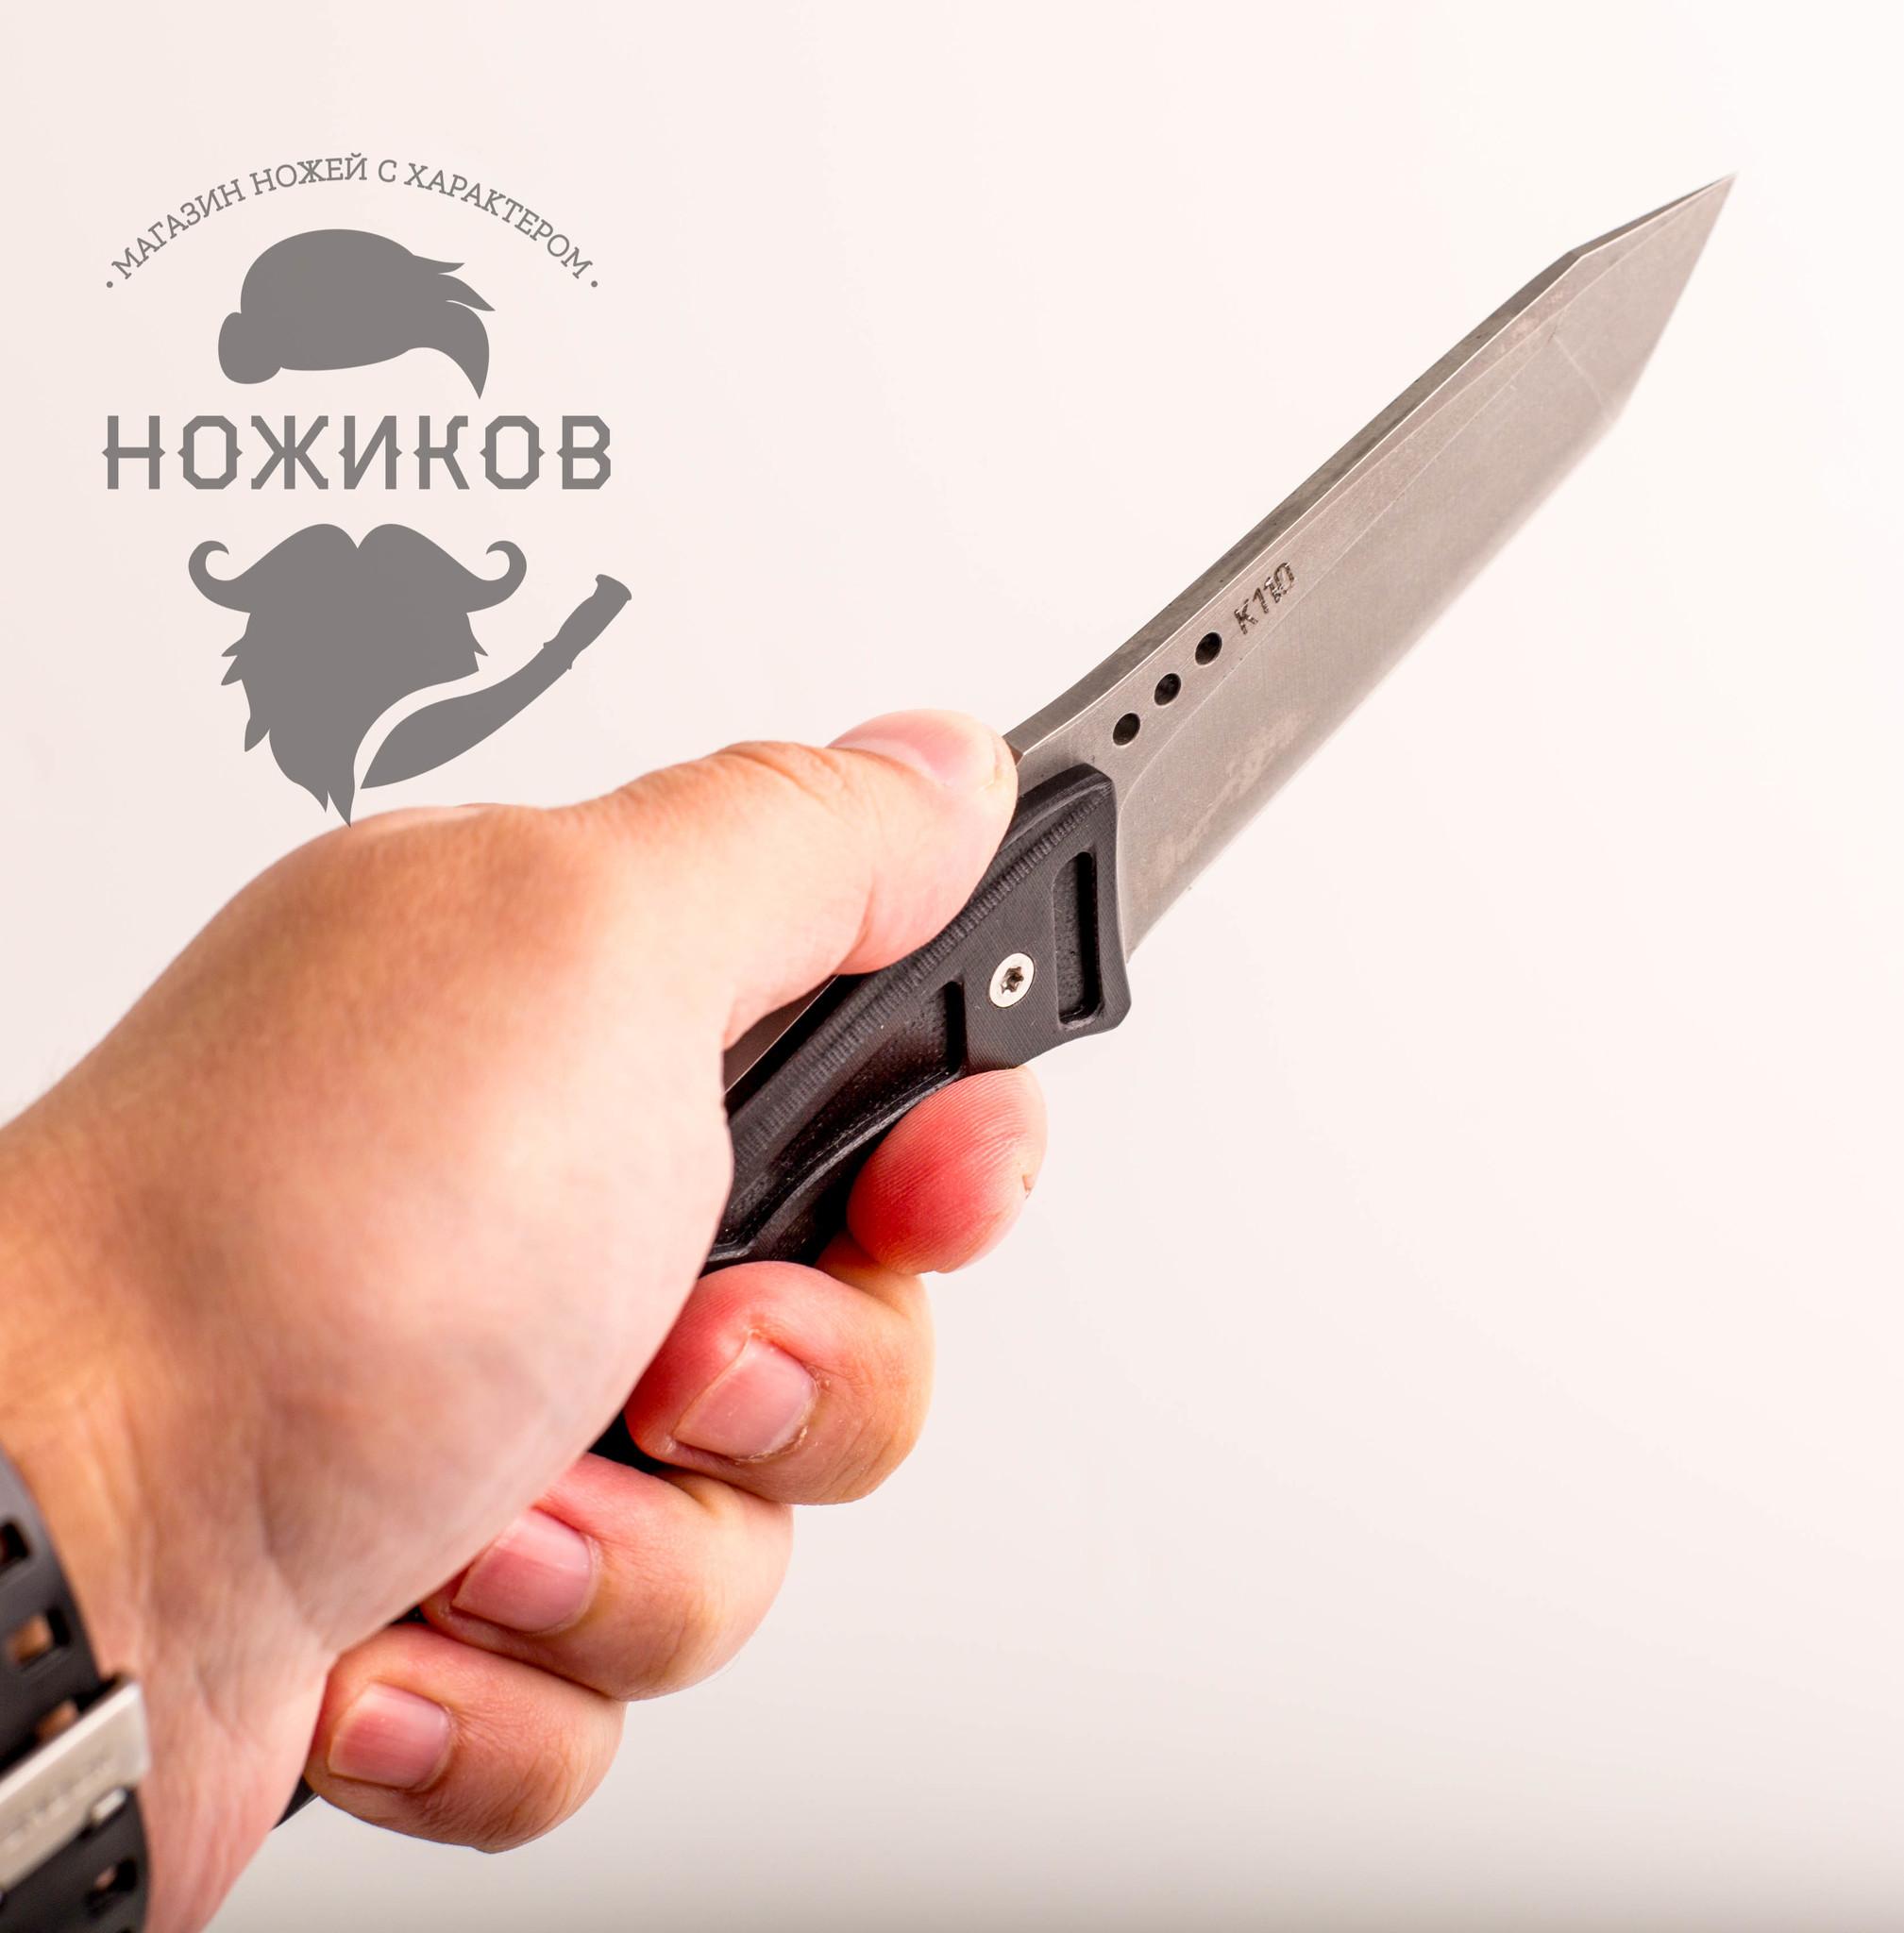 Фото 15 - Нож Стелс от Ворсма